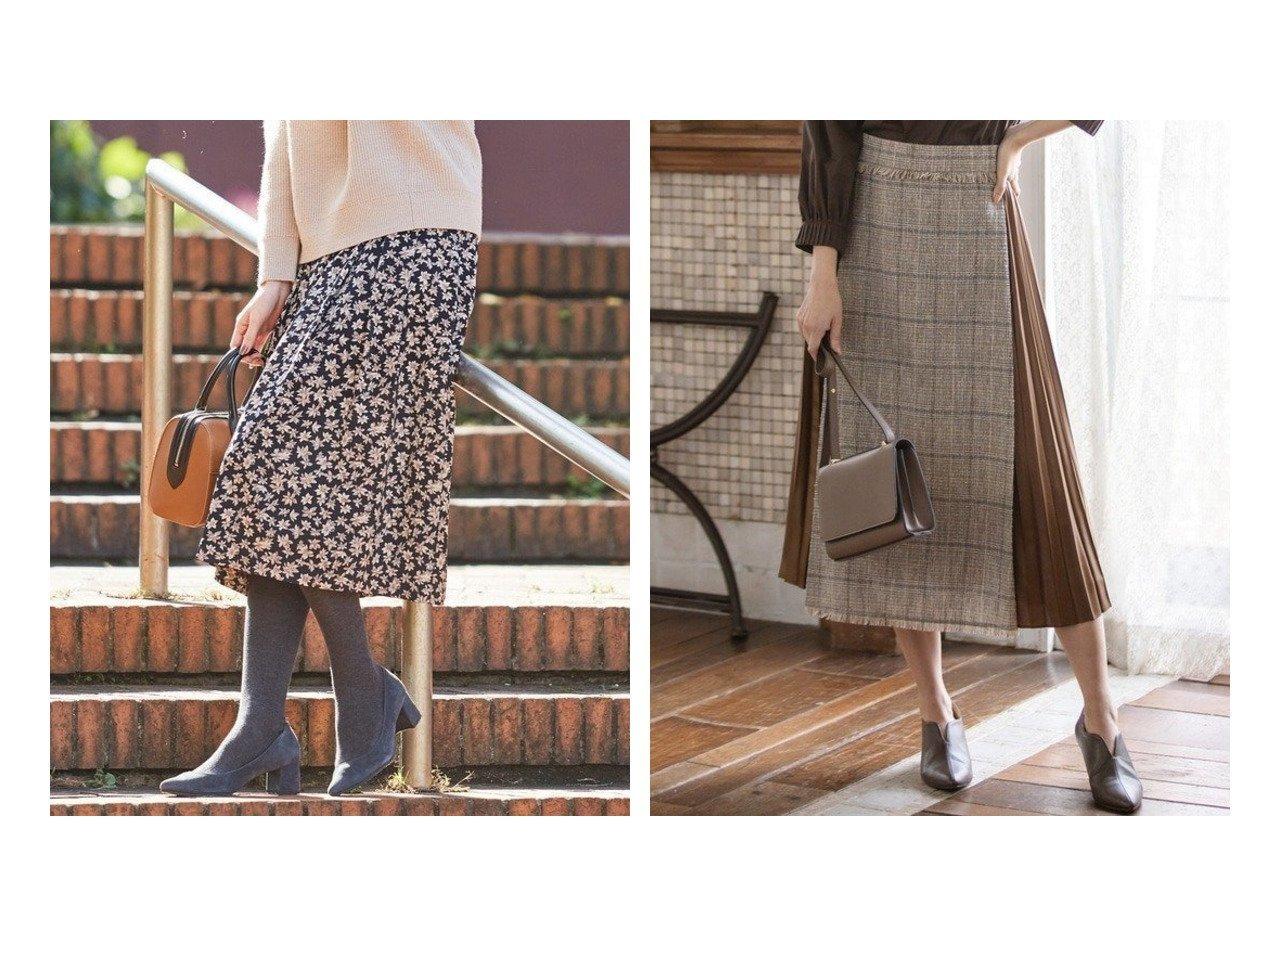 【J.PRESS/ジェイ プレス】の【洗える】アンティークフラワープリント スカート&【KUMIKYOKU/組曲】のツイードコンビ レザーライク プリーツスカート スカートのおすすめ!人気、レディースファッションの通販  おすすめで人気のファッション通販商品 インテリア・家具・キッズファッション・メンズファッション・レディースファッション・服の通販 founy(ファニー) https://founy.com/ ファッション Fashion レディース WOMEN スカート Skirt プリーツスカート Pleated Skirts なめらか ギャザー サテン ピーチ フラワー プリント コンビ ストレッチ チェック ツイード プリーツ ループ 秋冬 A/W Autumn/ Winter |ID:crp329100000004061